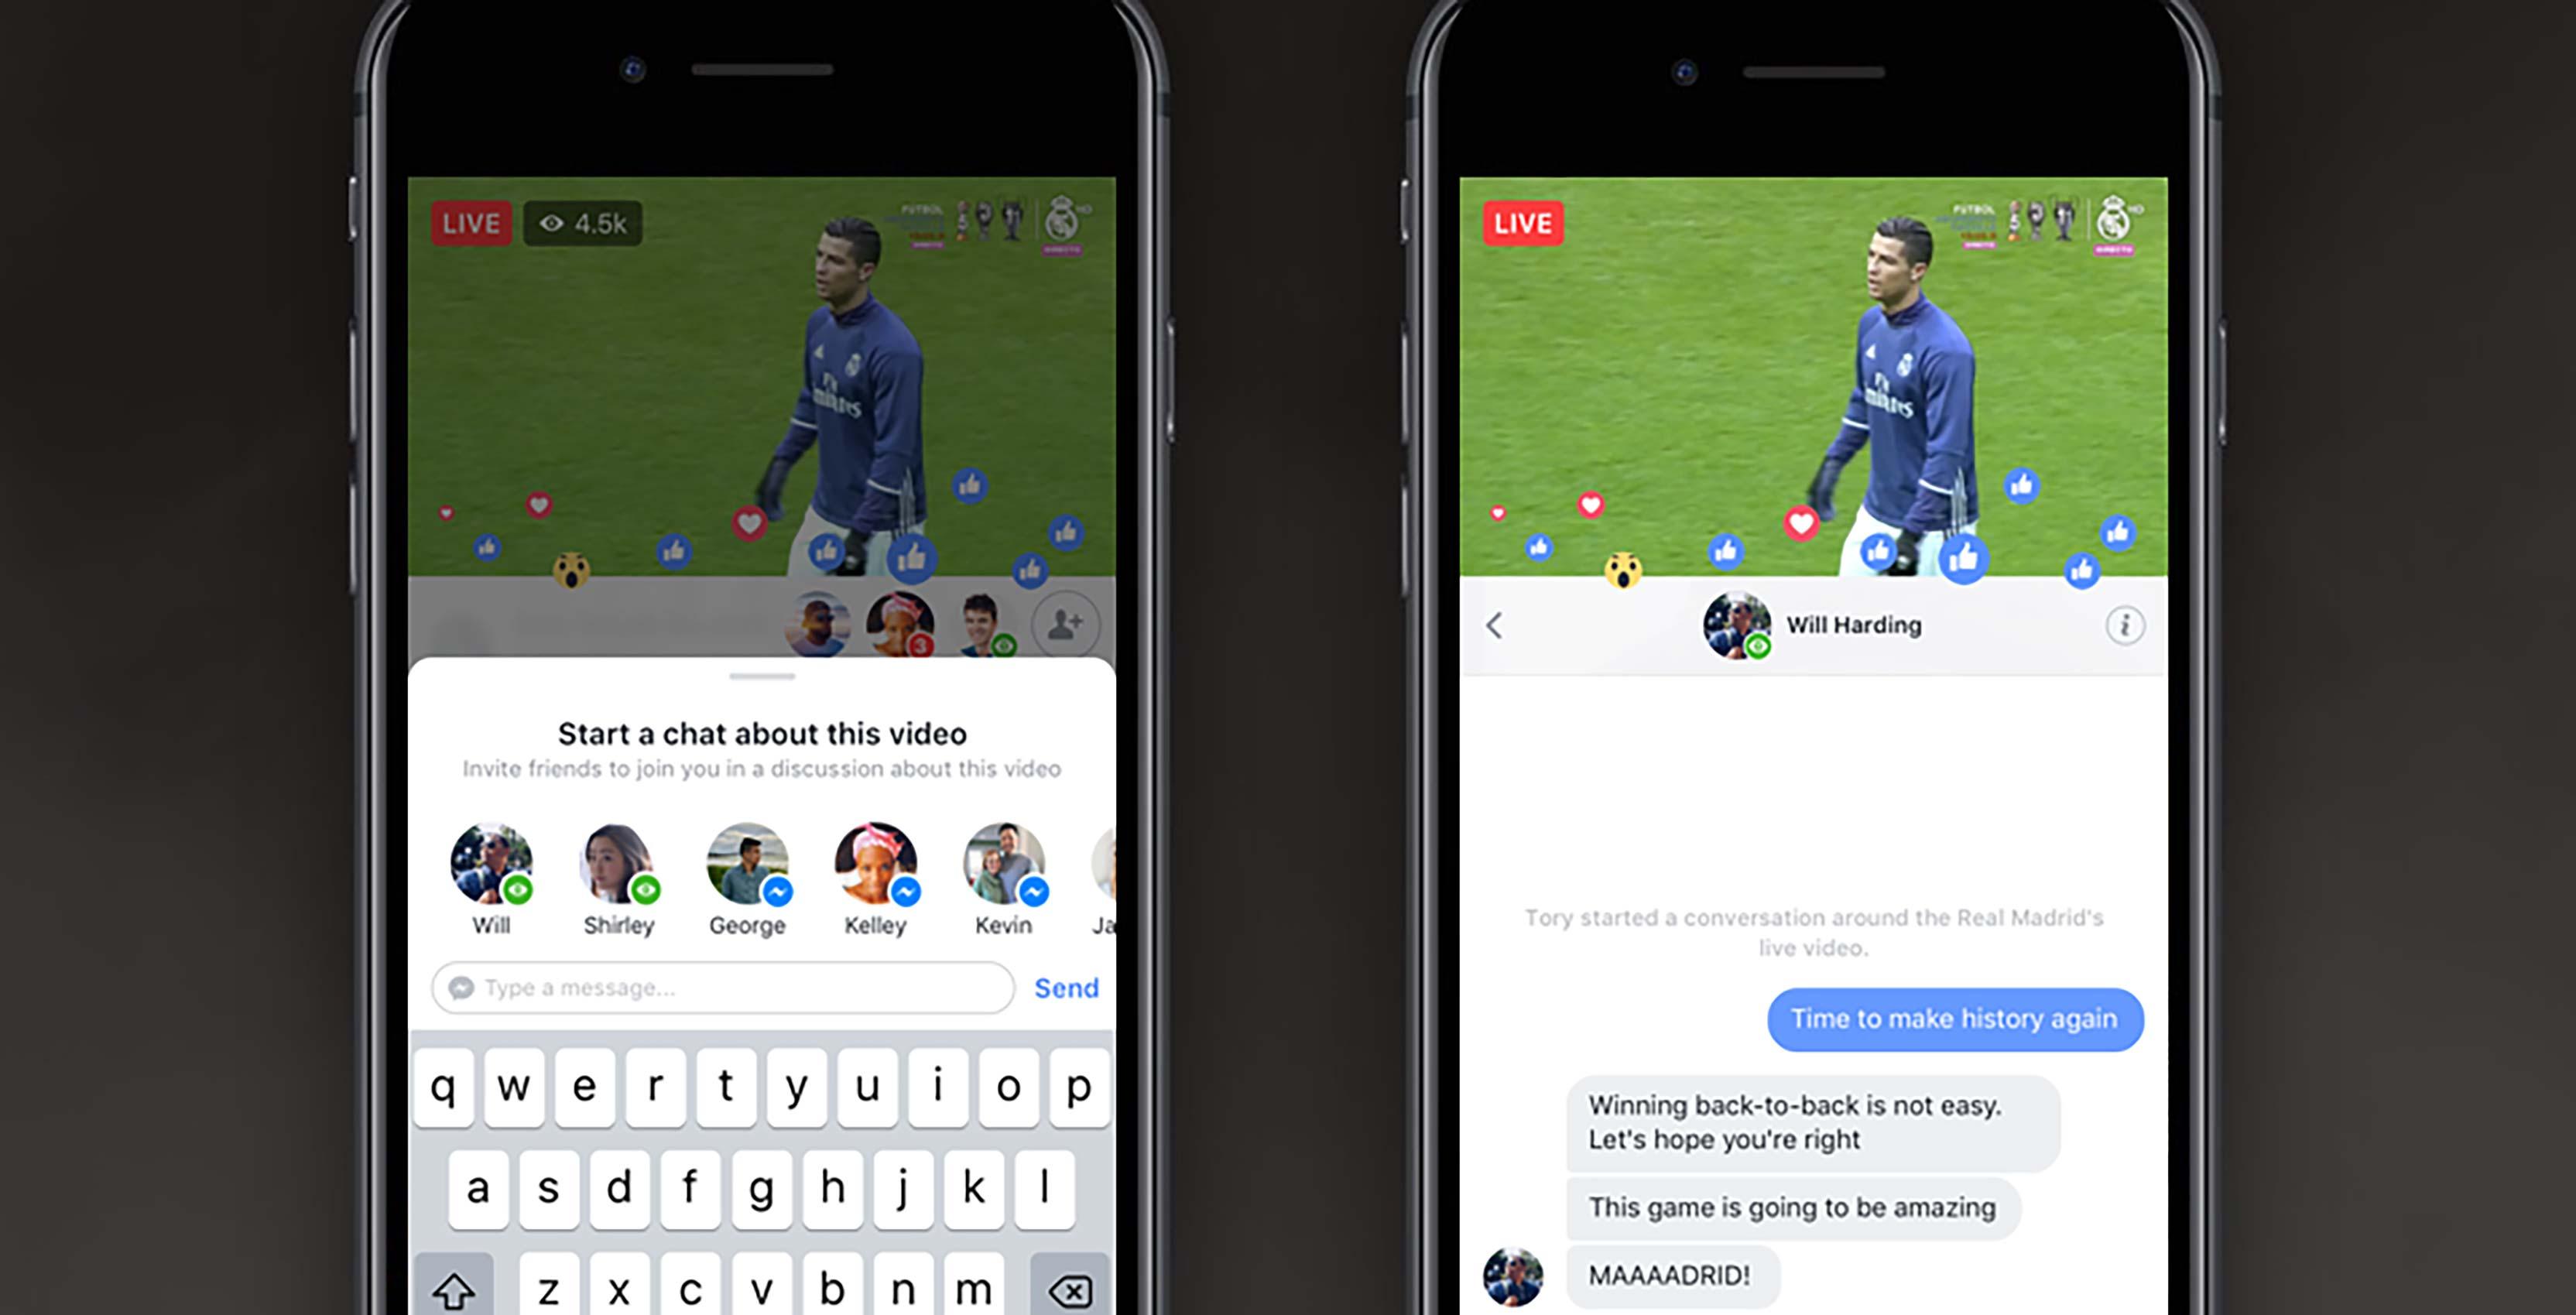 Facebook Live Video soccer